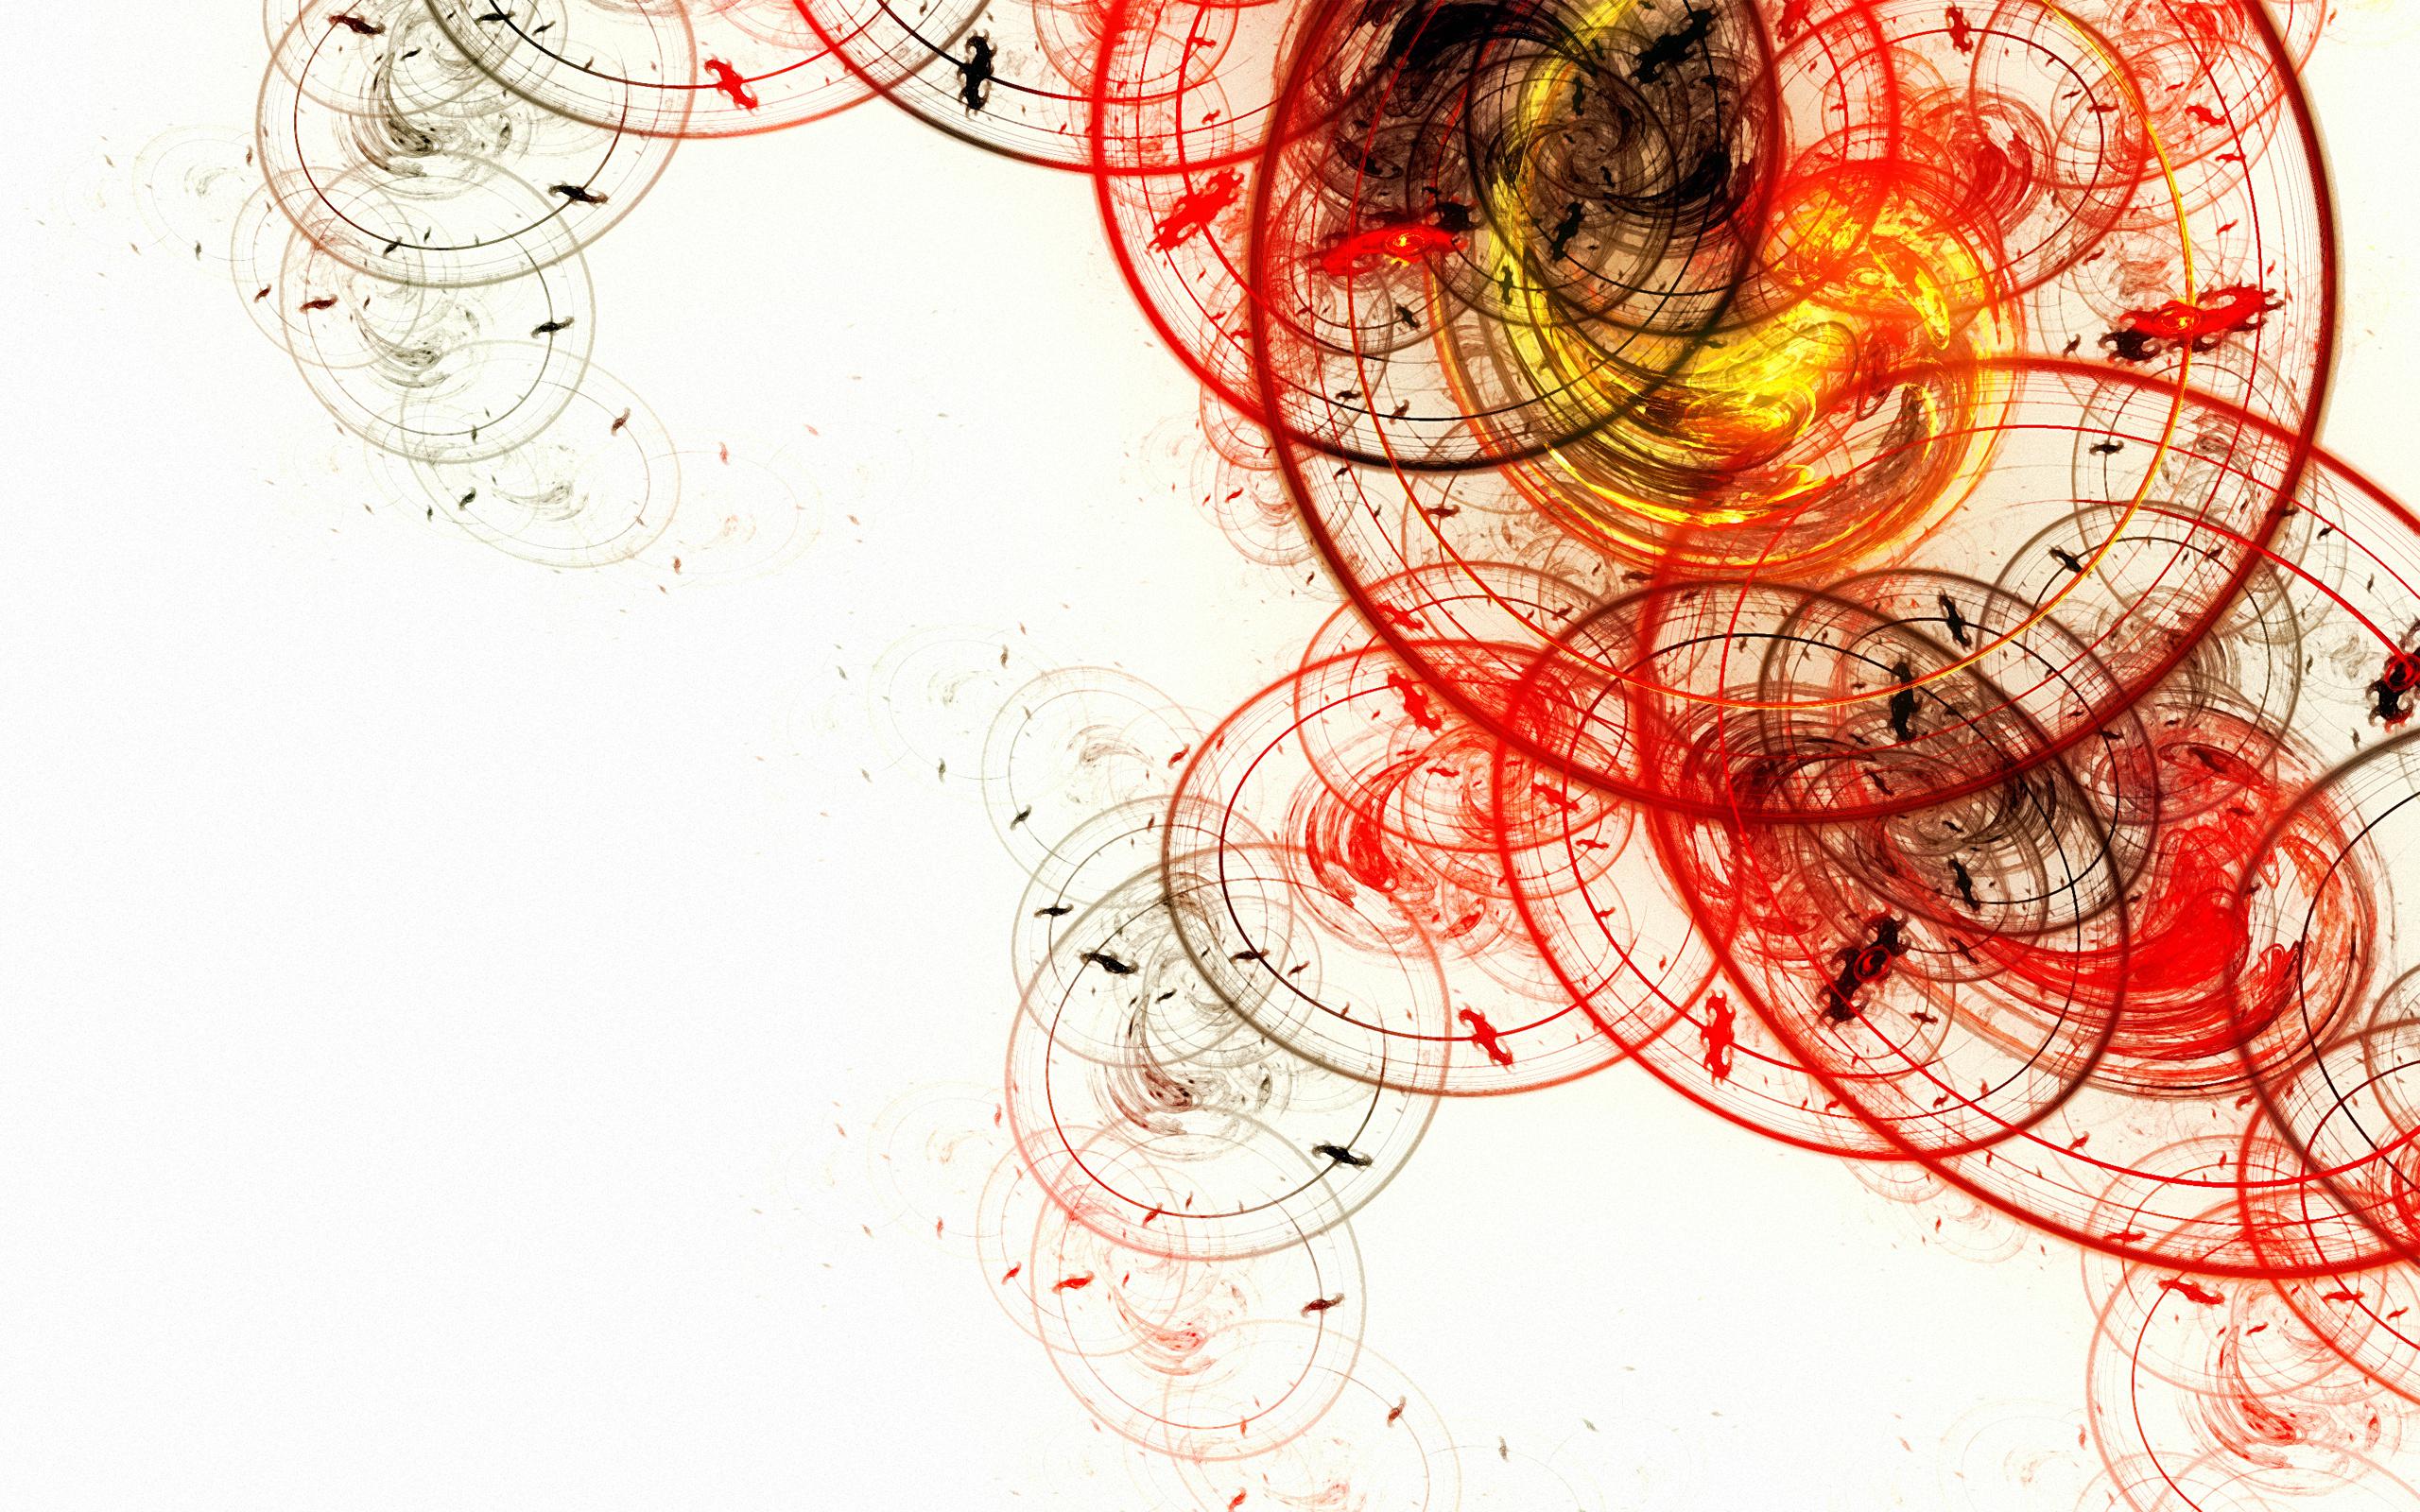 графика абстракция линии красные  № 3664292 загрузить